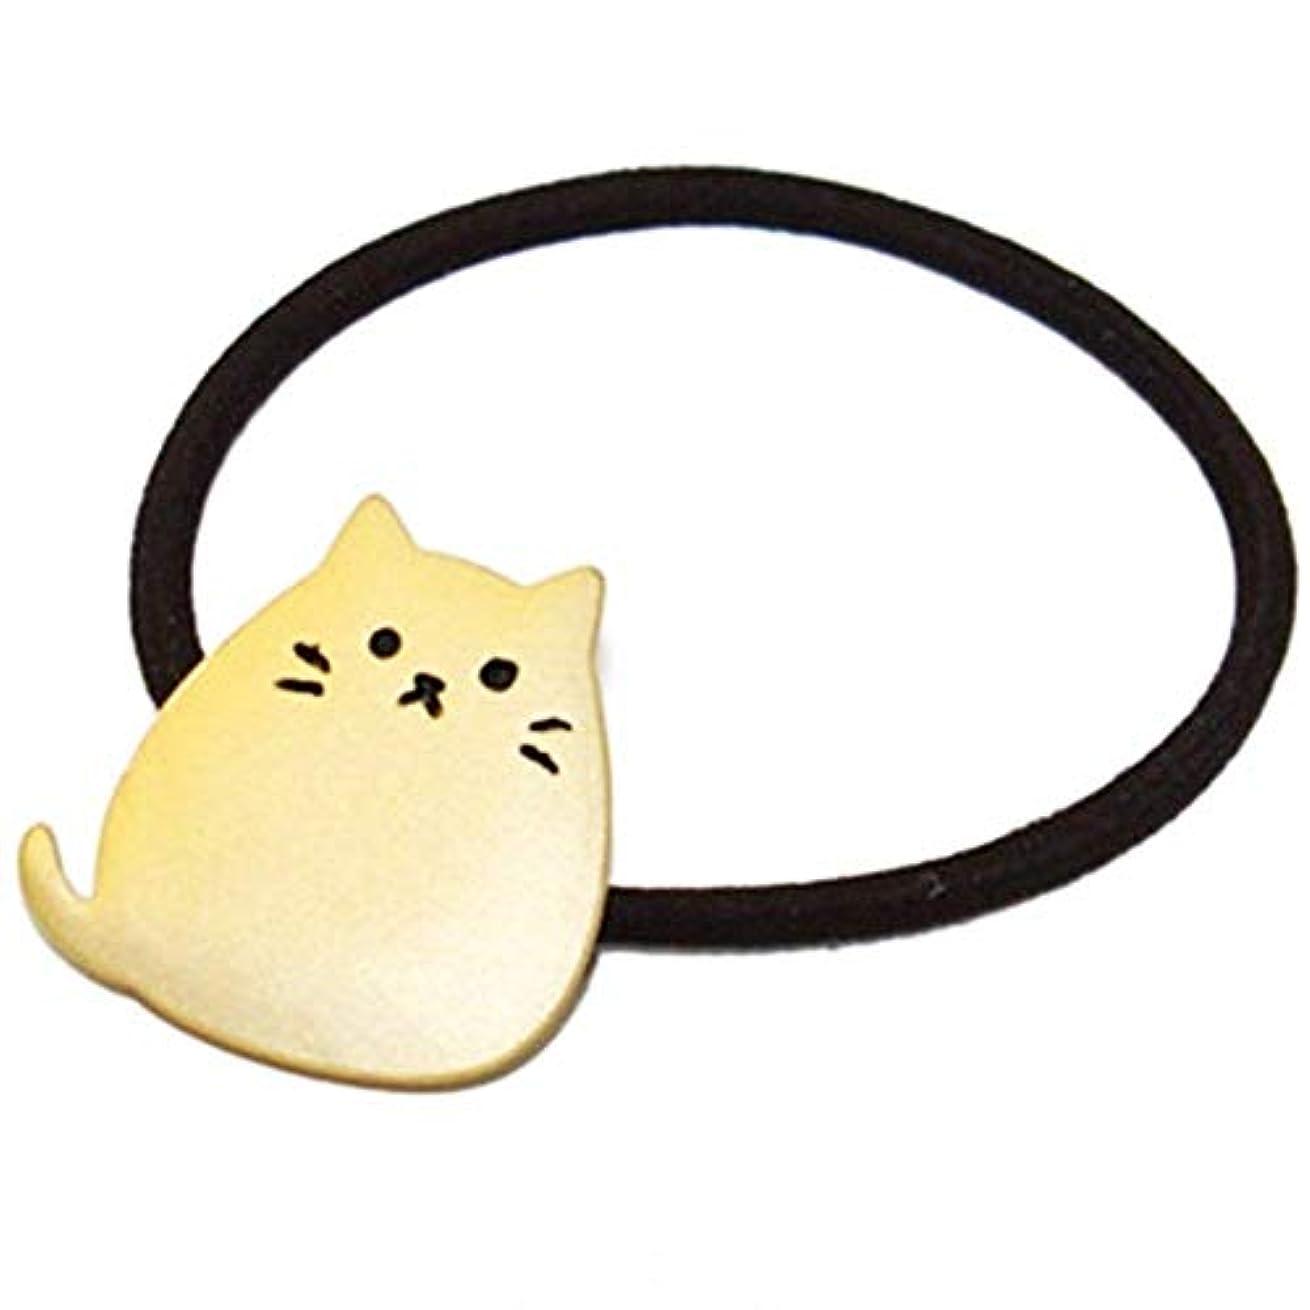 たくさん破滅的な道に迷いましたOnior ヘアロープ 弾性 リボン 髪飾り ヘアネクタイ 猫形 金属 メッキ 1ピース ゴールデン